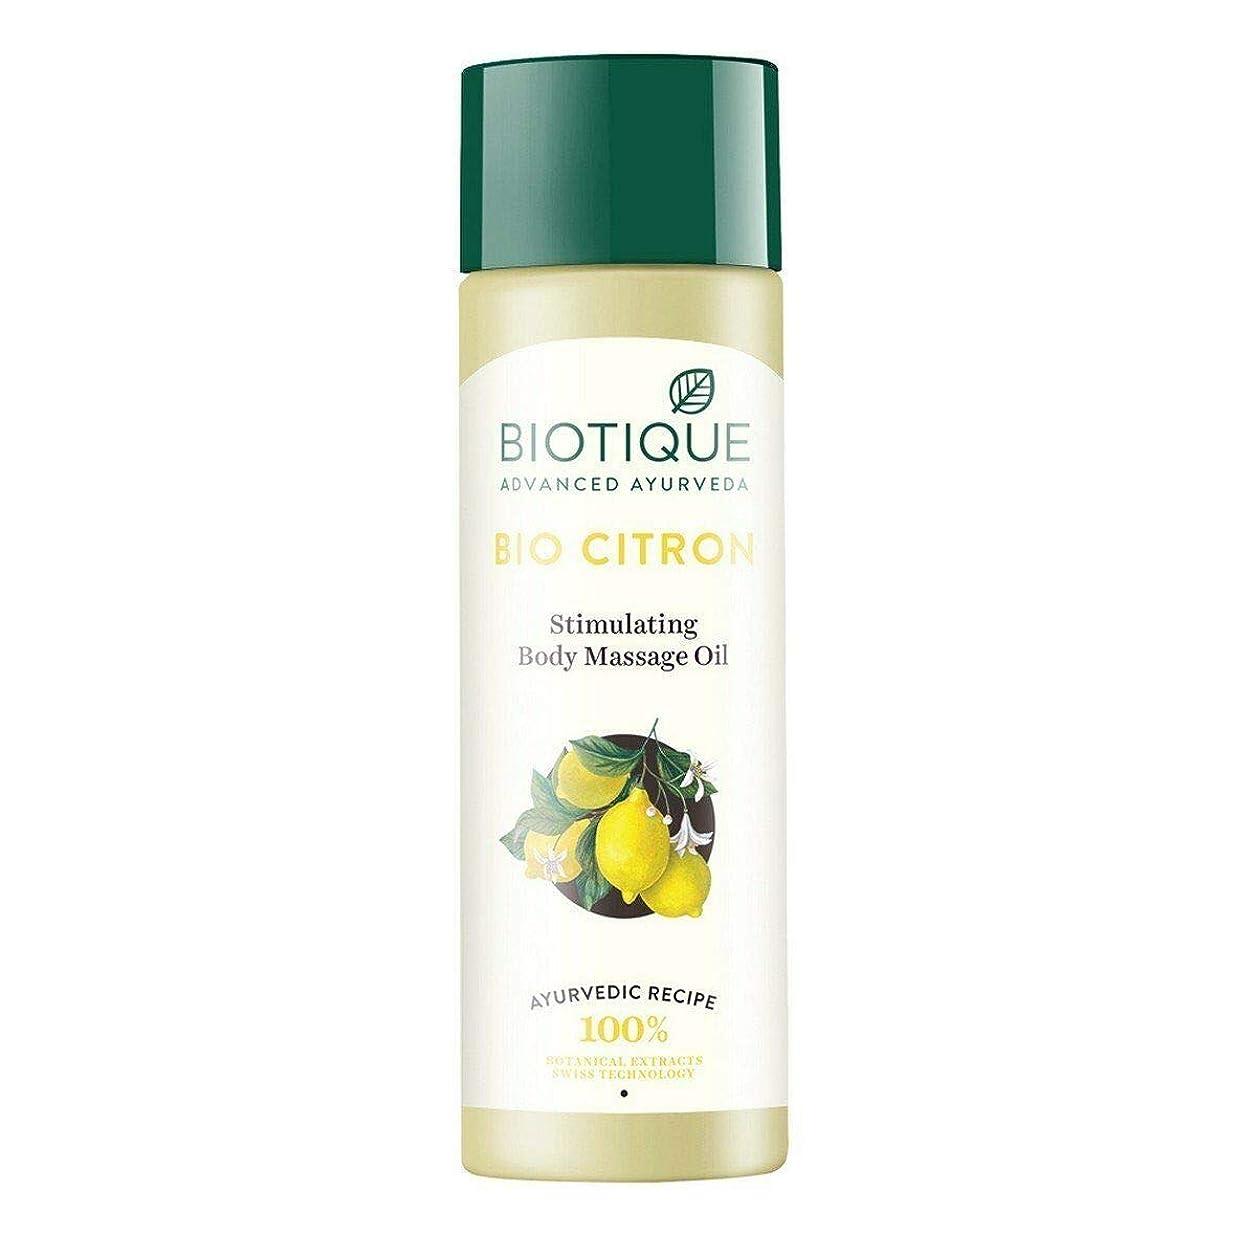 ハーネスジャグリング前売Biotique Bio Citron Stimulating Body Massage Oil, 200ml rich in vitamin Biotique バイオシトロン刺激ボディマッサージオイル、ビタミン